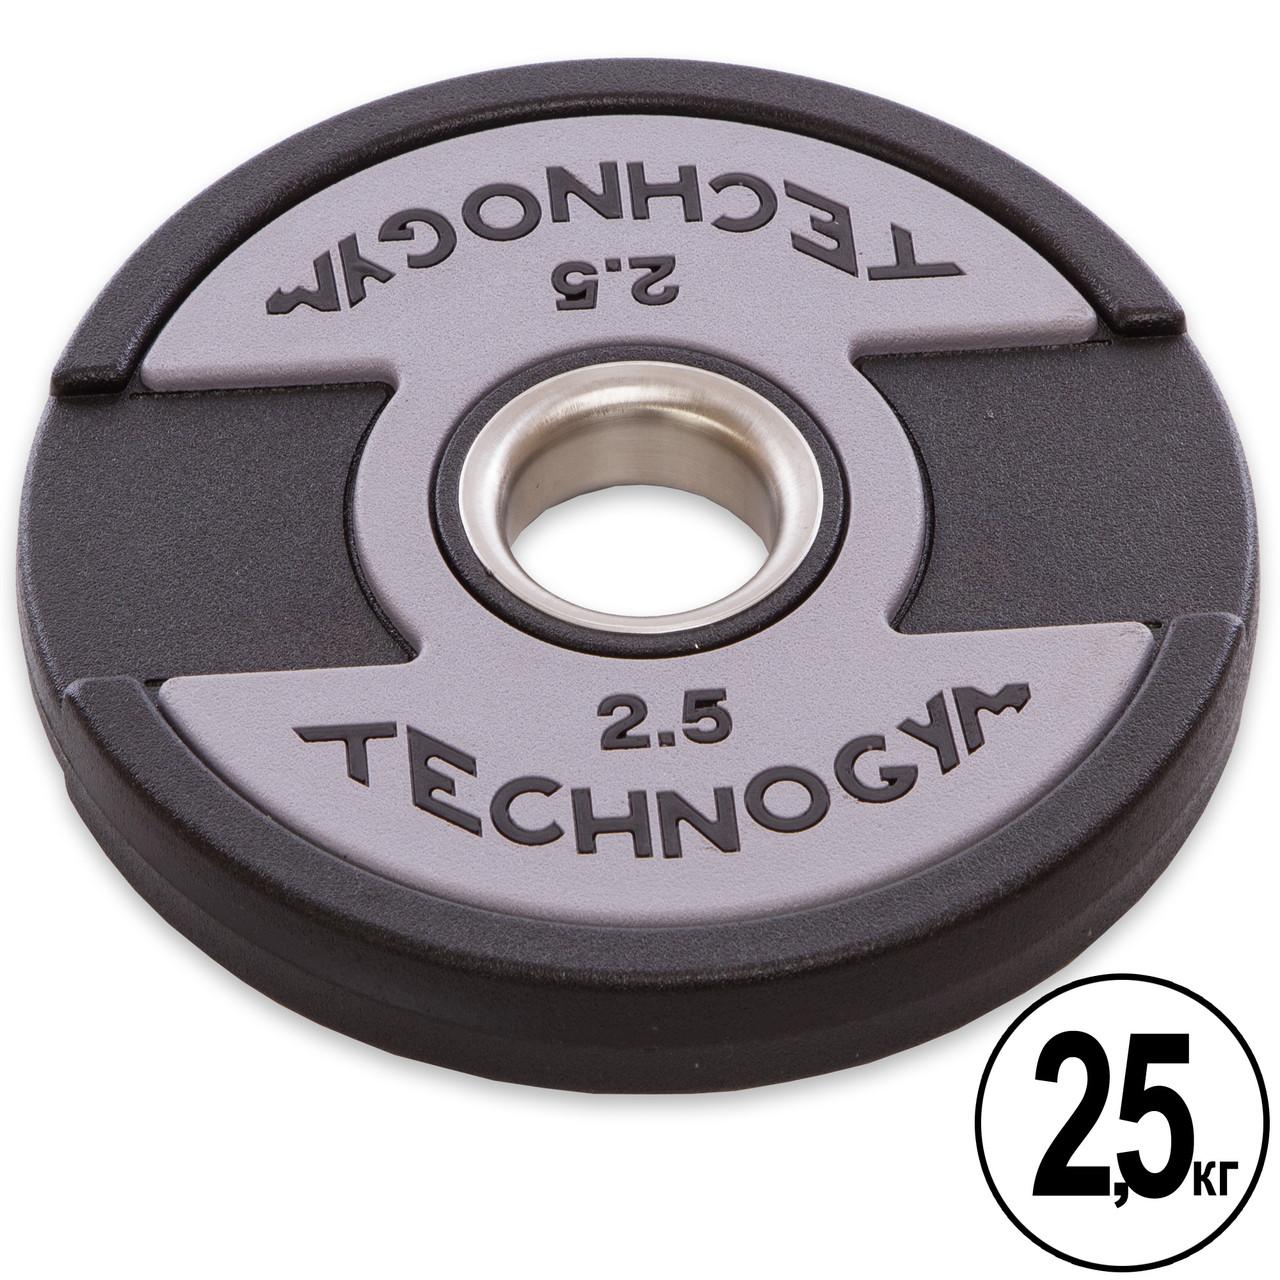 Блины (диски) полиуретановые с хватом и металлической втулкой d-51мм TECHNOGYM TG-1837-2_5 2,5кг (черный)